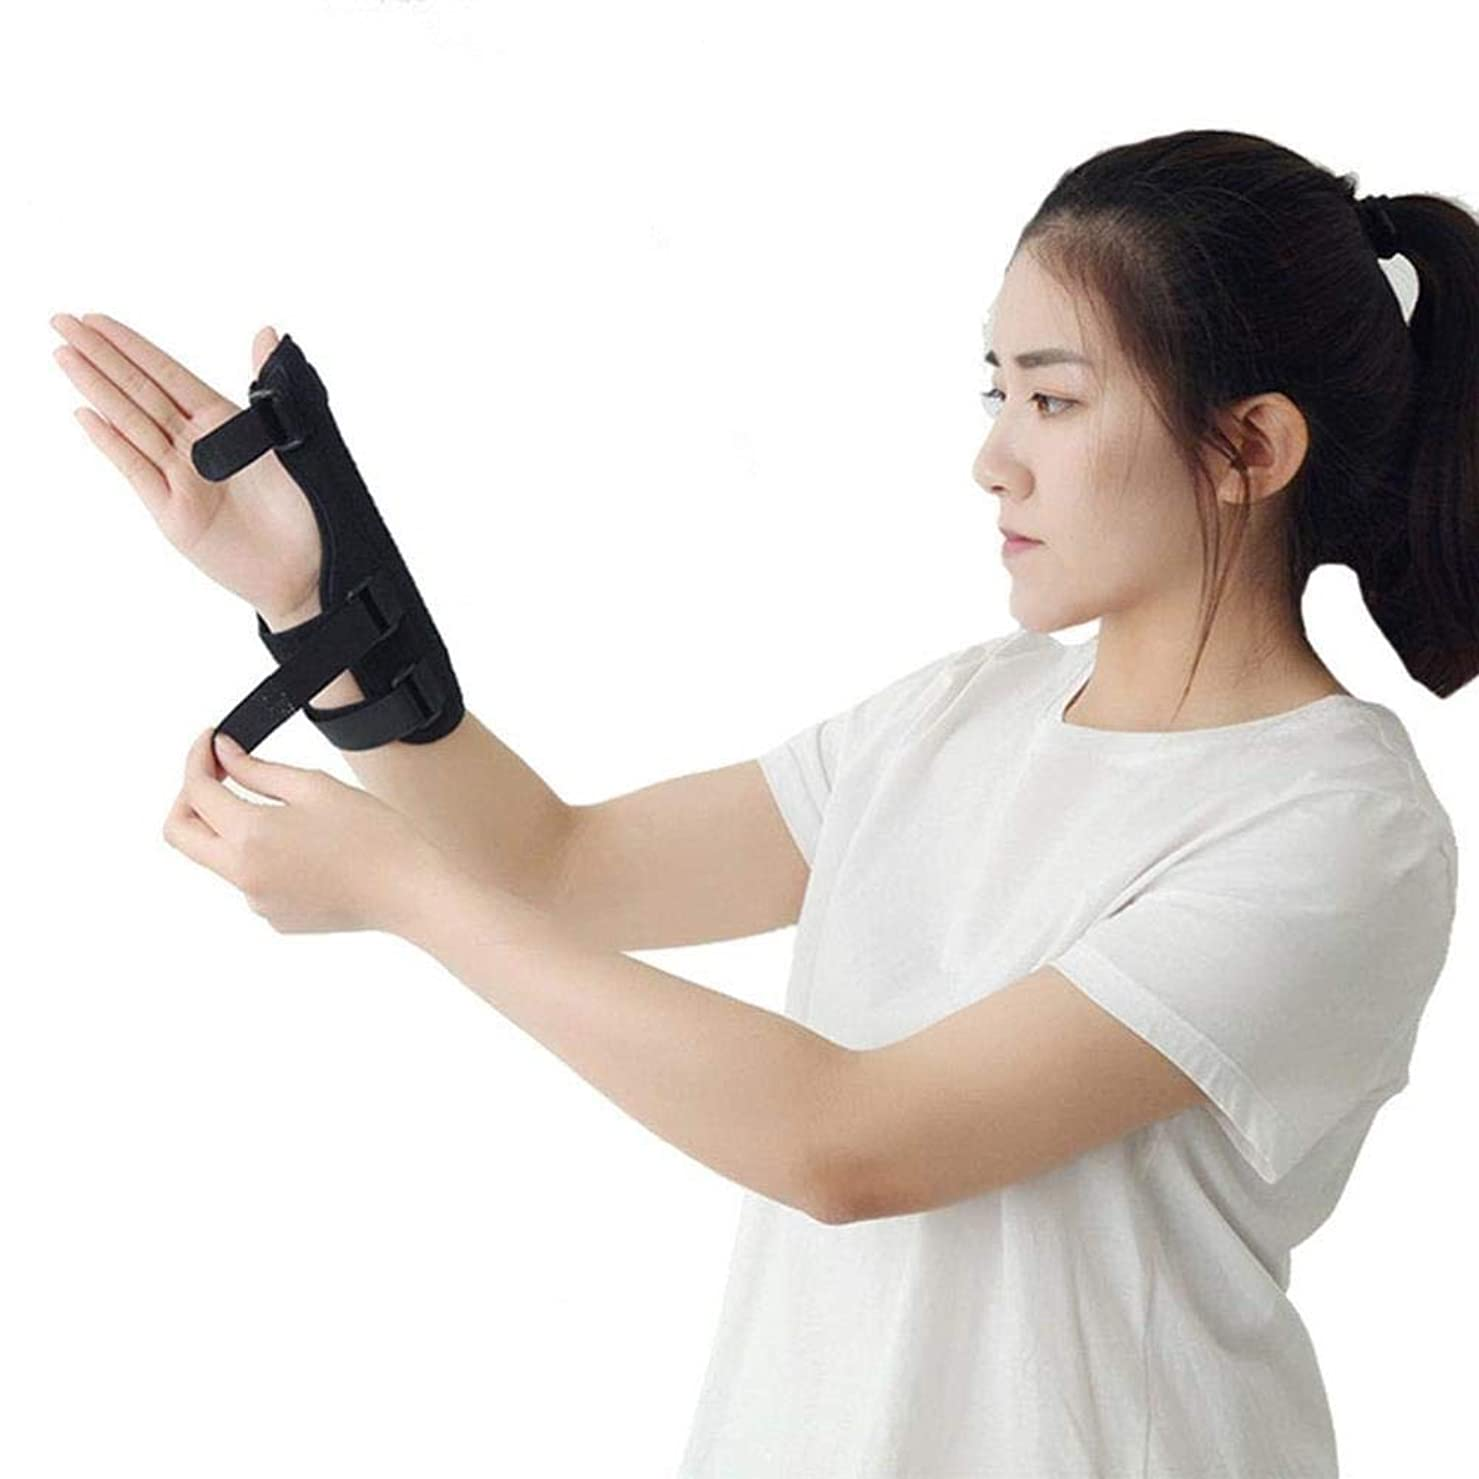 含む顔料エアコン捻挫、傷害またはスポーツの使用のために理想的な革紐が付いている伸縮性がある手首サポート